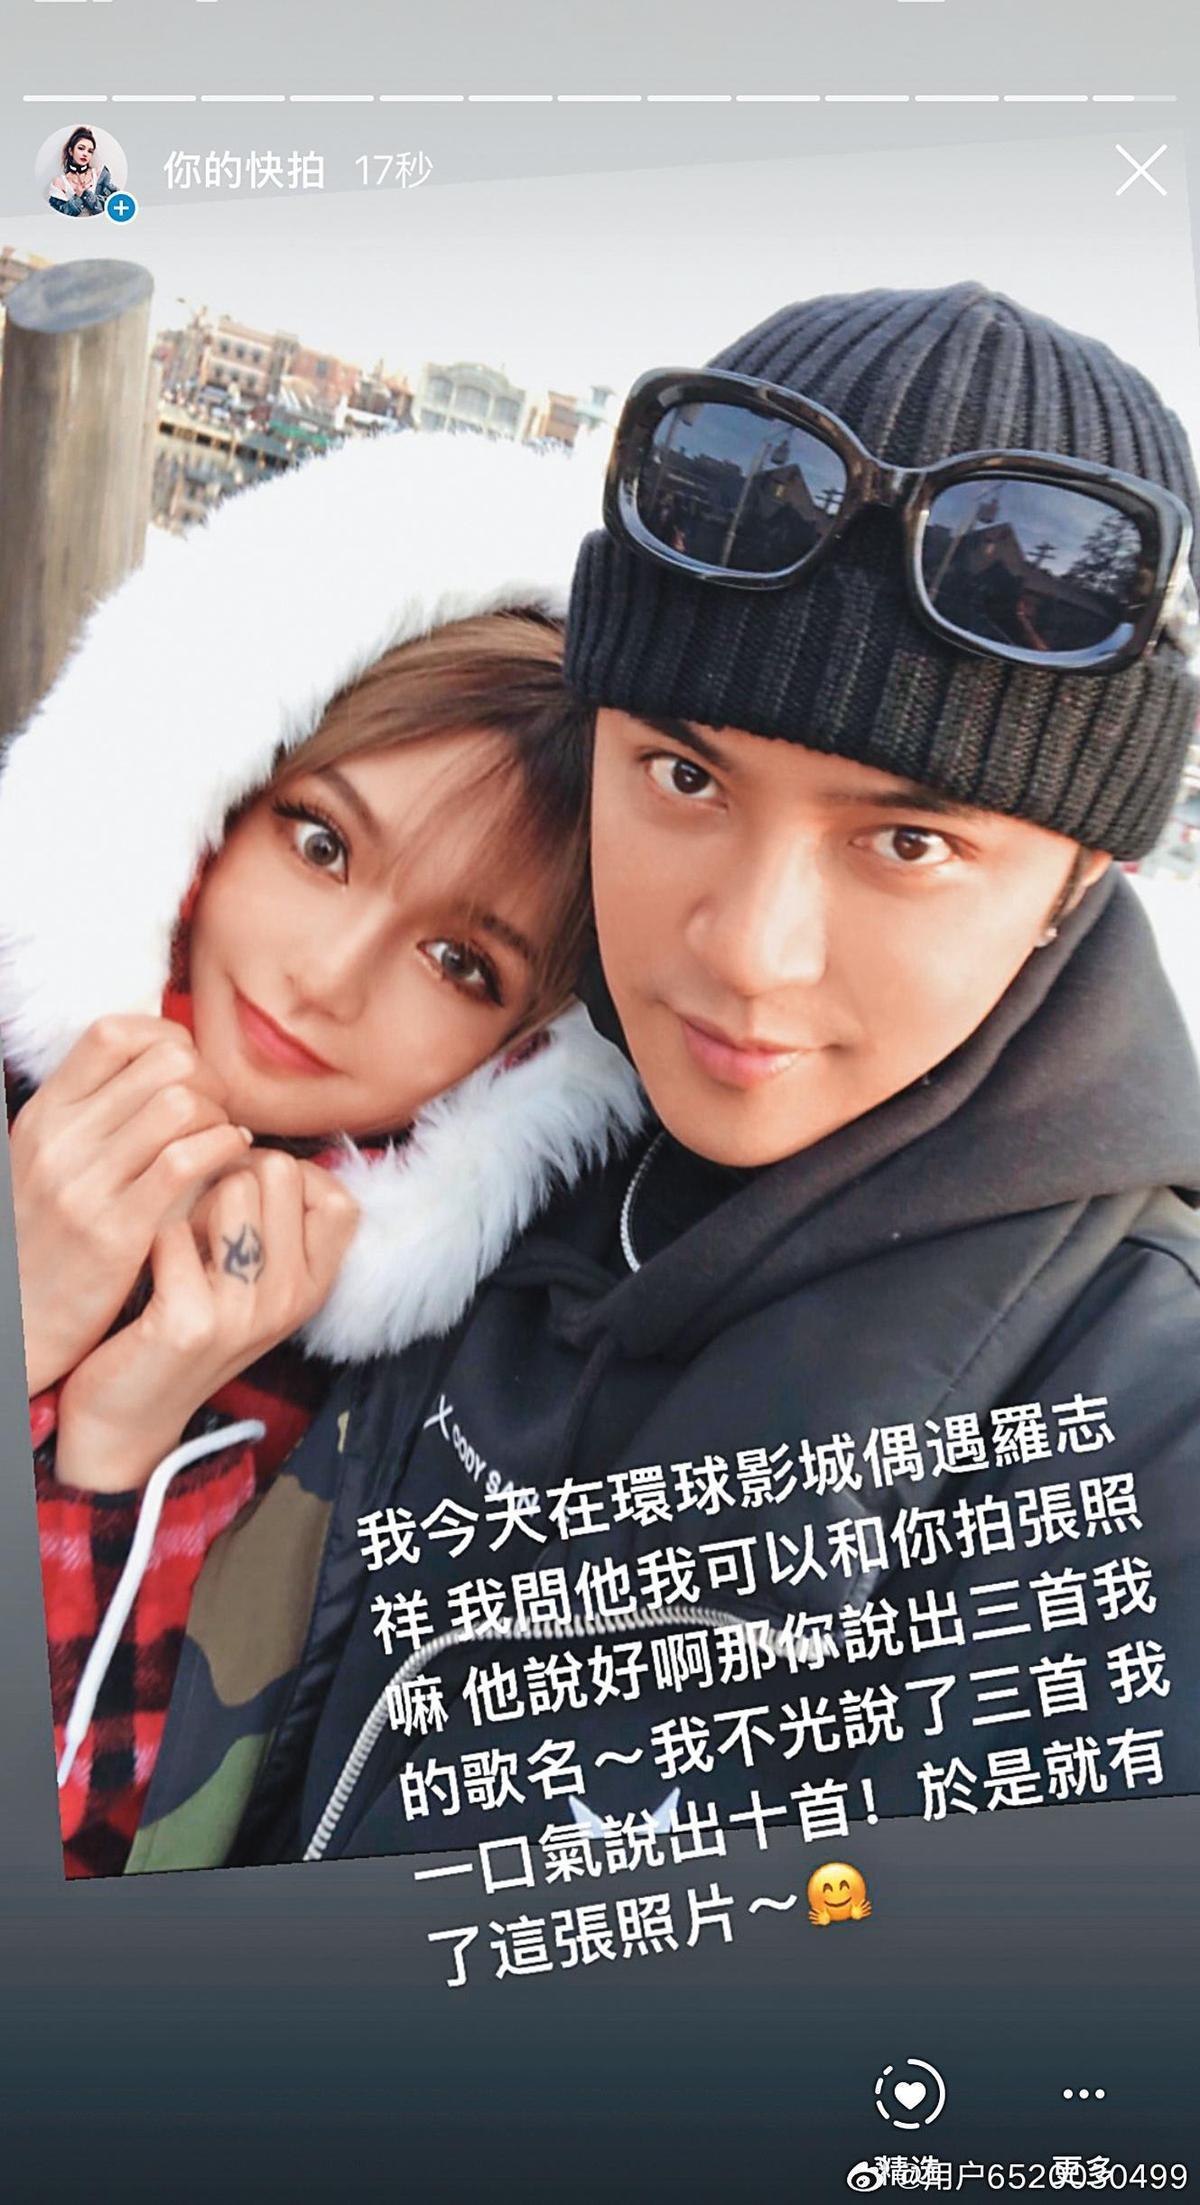 周揚青與羅志祥近年常在微博互動曬愛,一度被認為是下一對結婚的佳偶。(翻攝自周揚青微博)